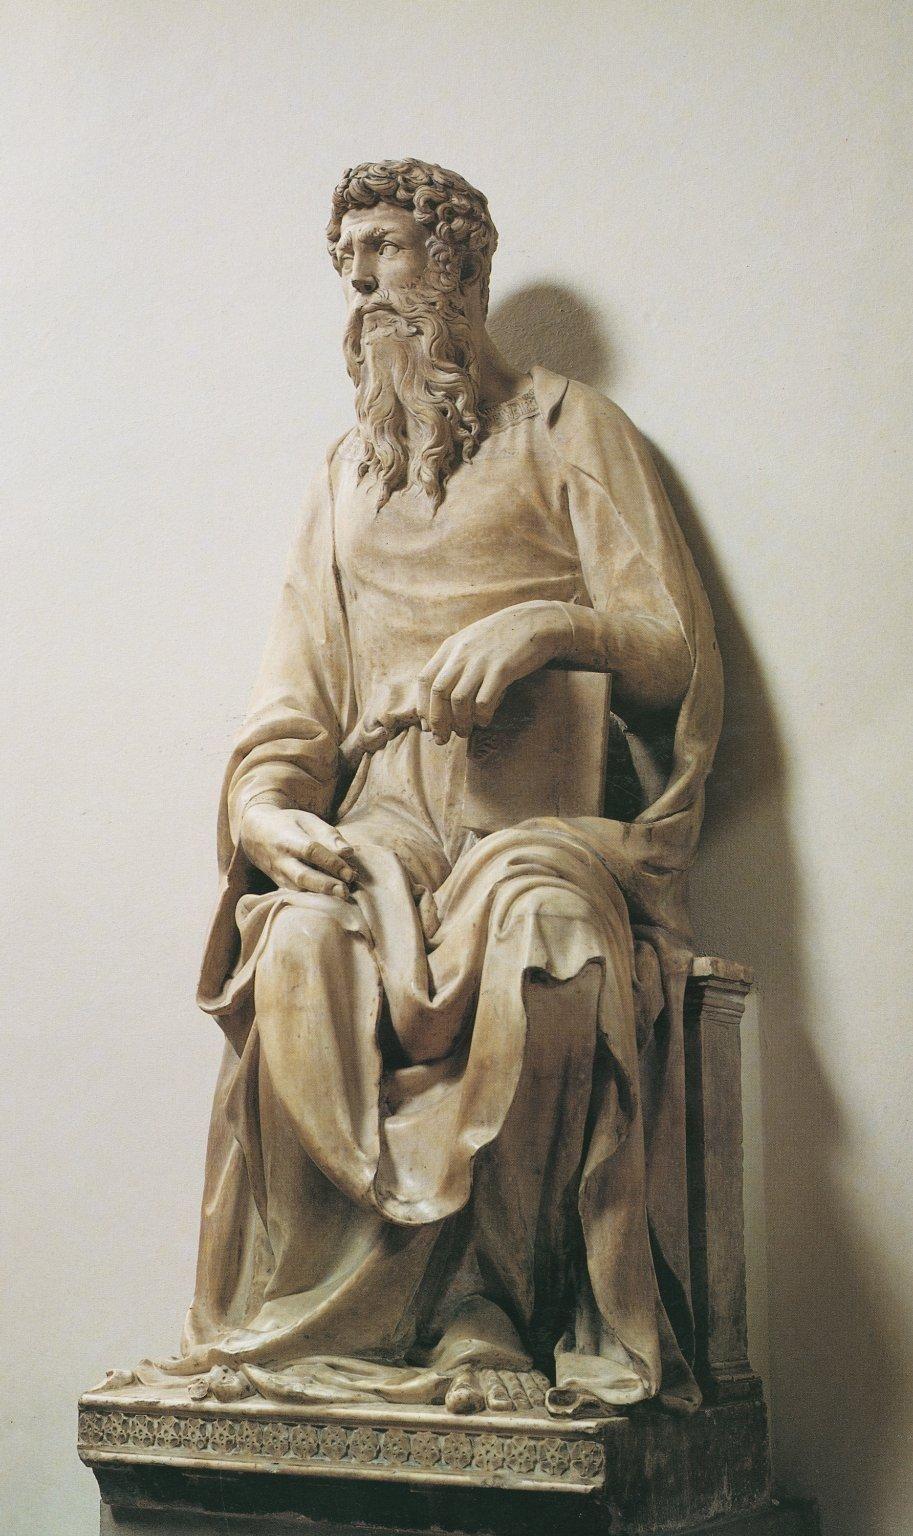 donato di niccolo di betto bardi or donatello essay Donatello was one of the greatest italian artists of the 15th century donatello was born as donato di niccolo di betto bardi in 1386 in florence.